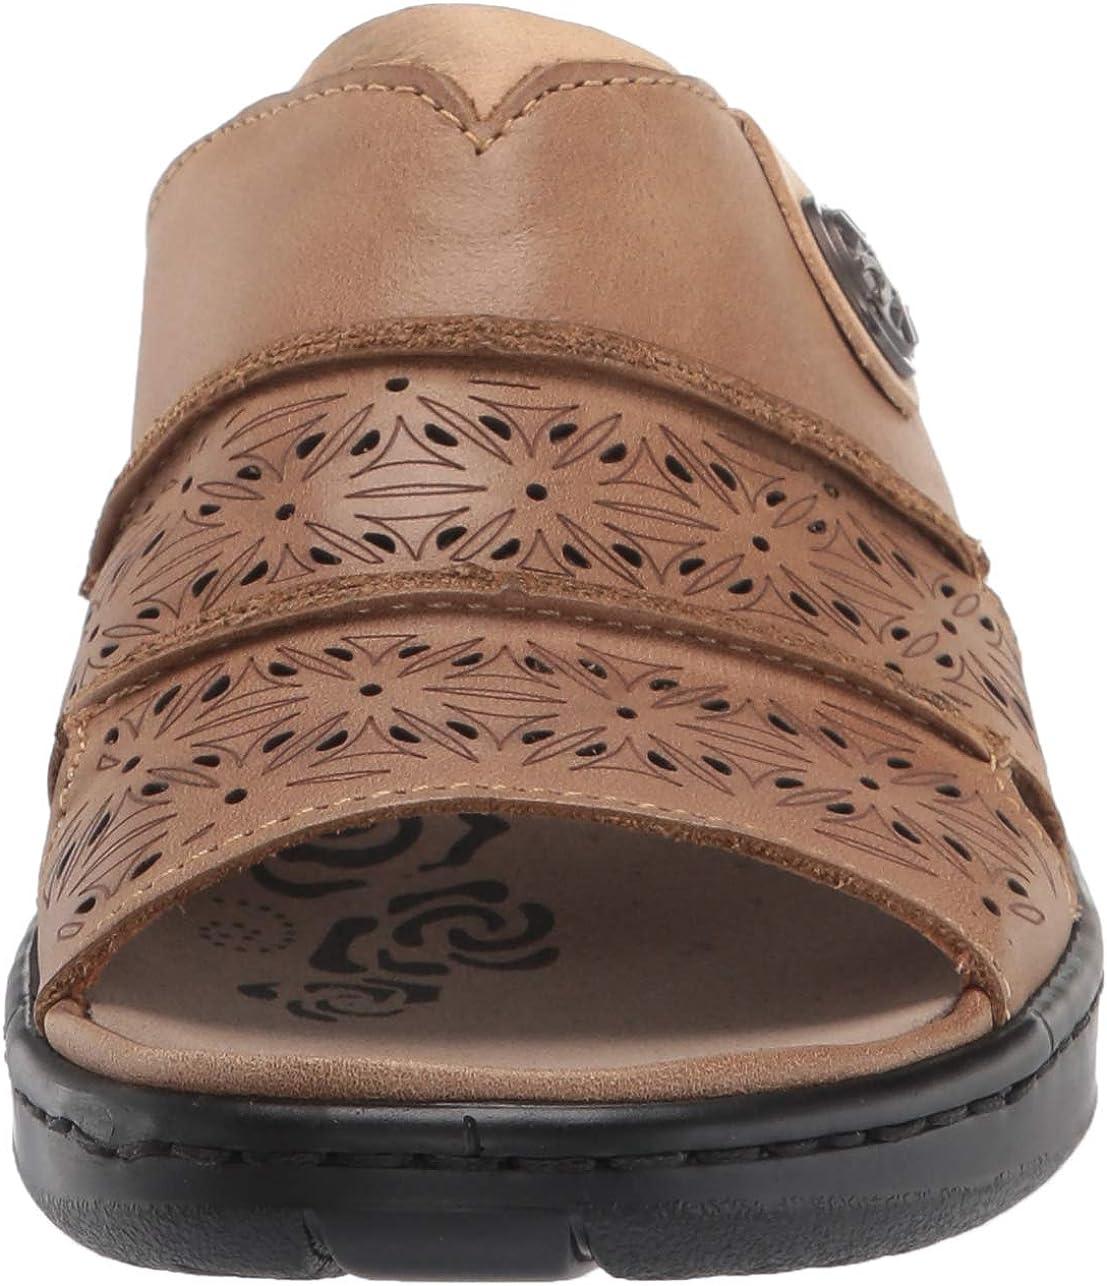 Propet Women's Gertie Slide Sandal, Beige, 10 Wide